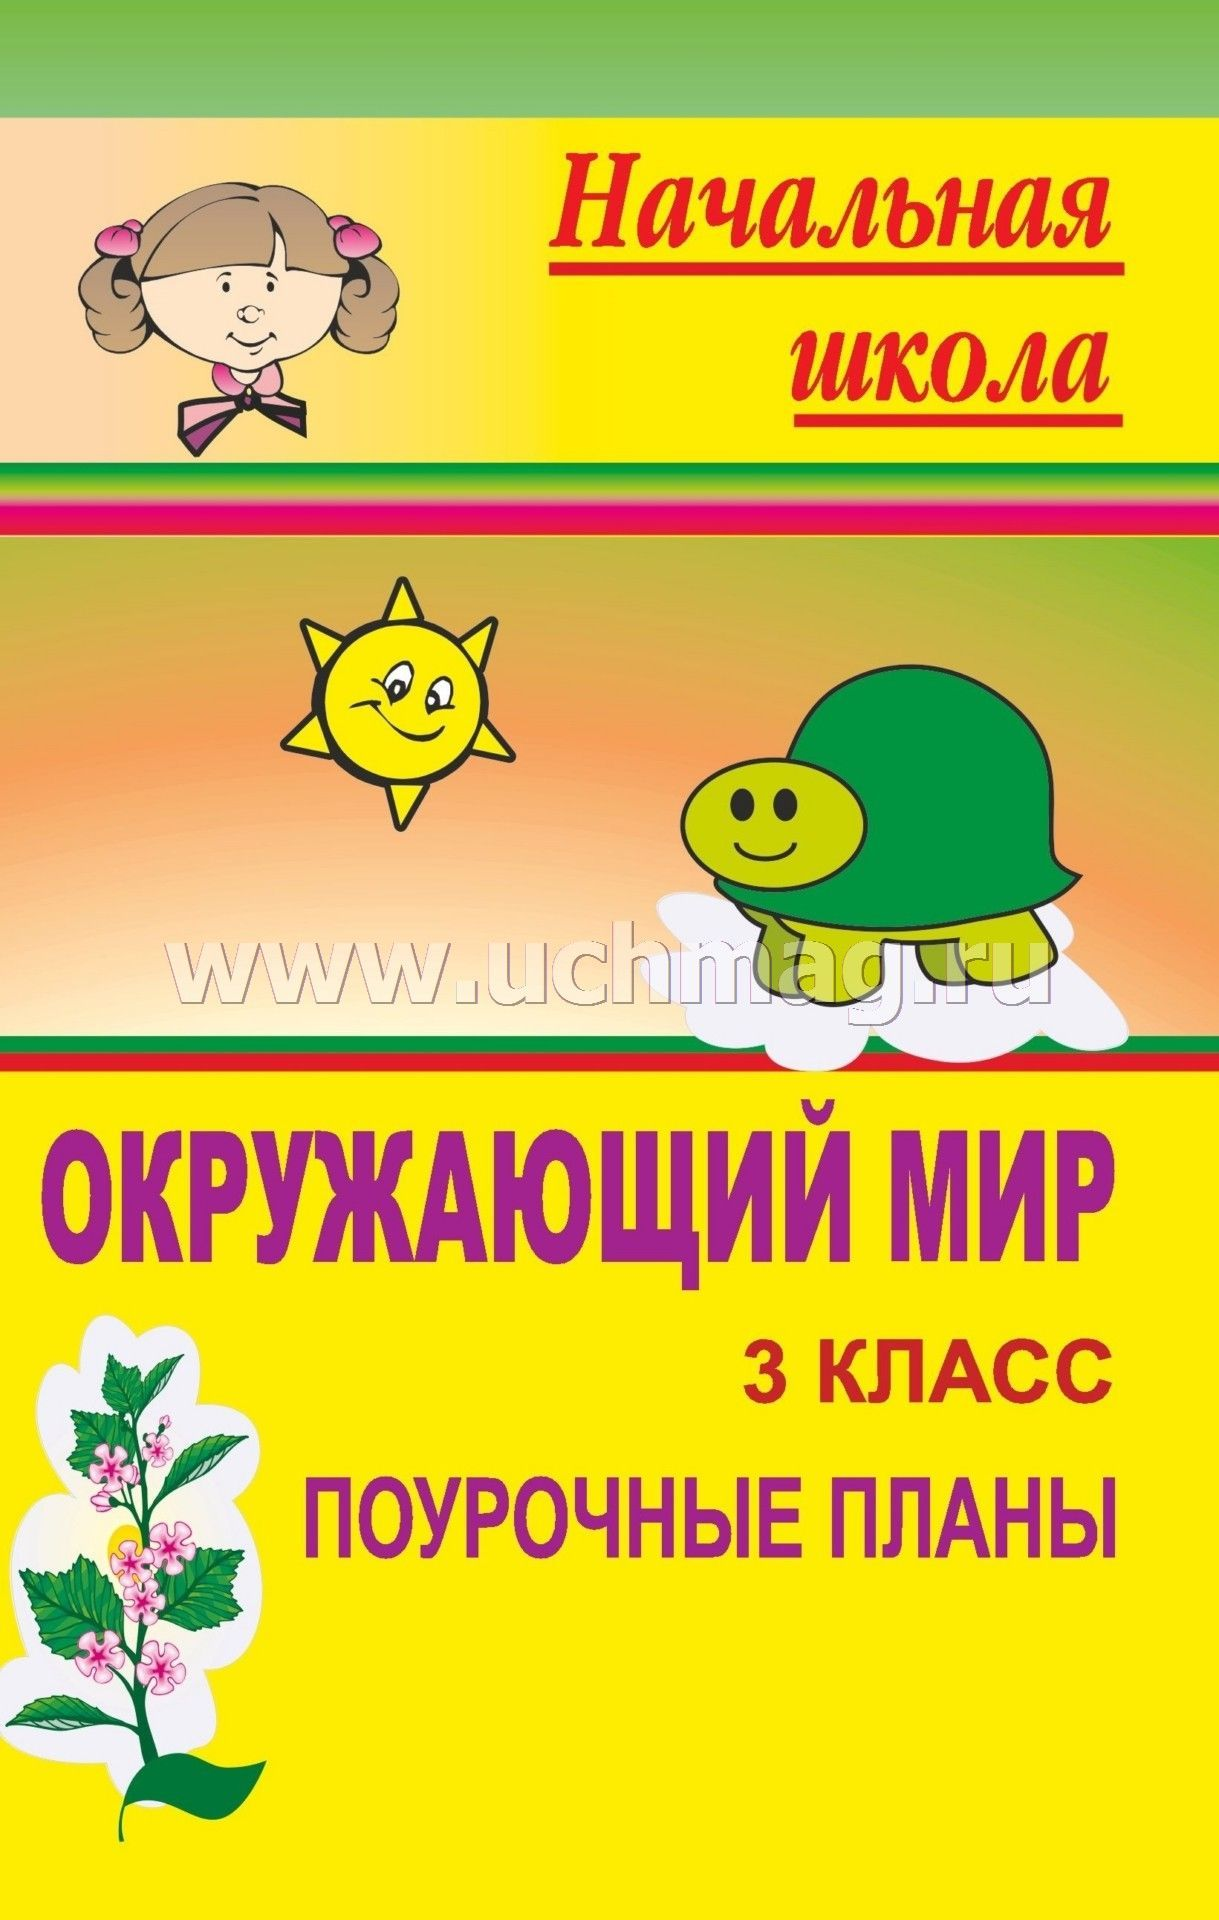 Скачать без регистрации поурочные планы по русскому для 3 класса